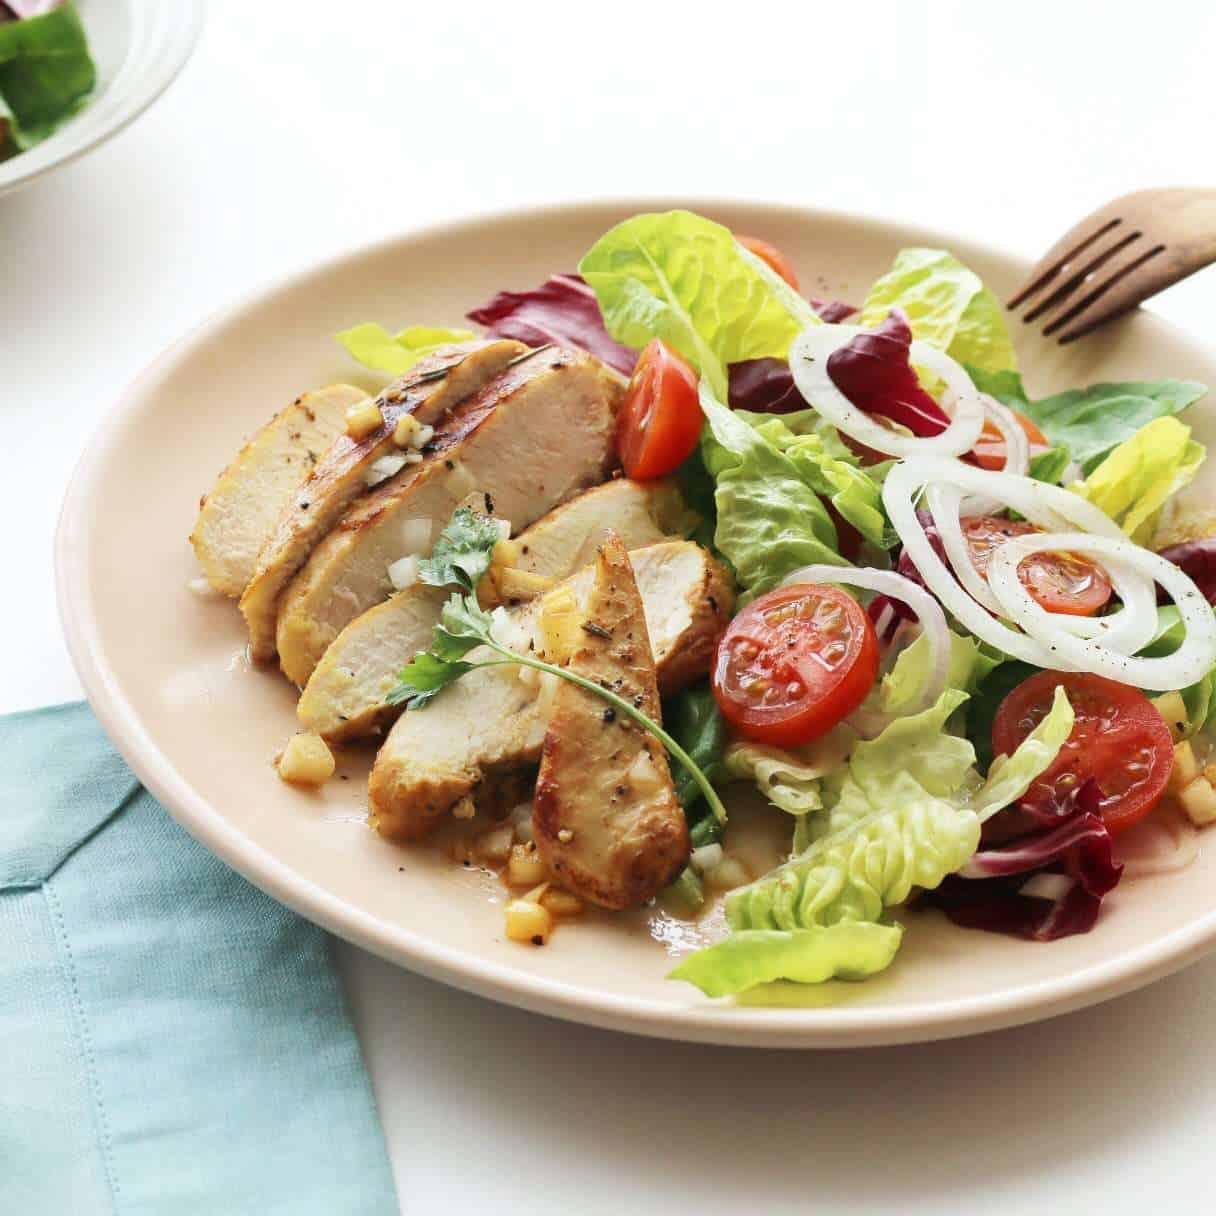 Salad ức gà nướng giảm cân